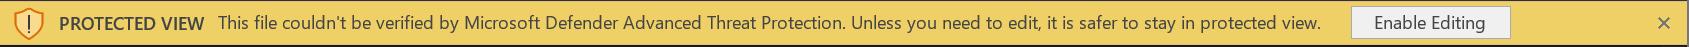 Знімок екрана: бізнес-панель MDATP Якщо під час сканування файлу виникає помилка